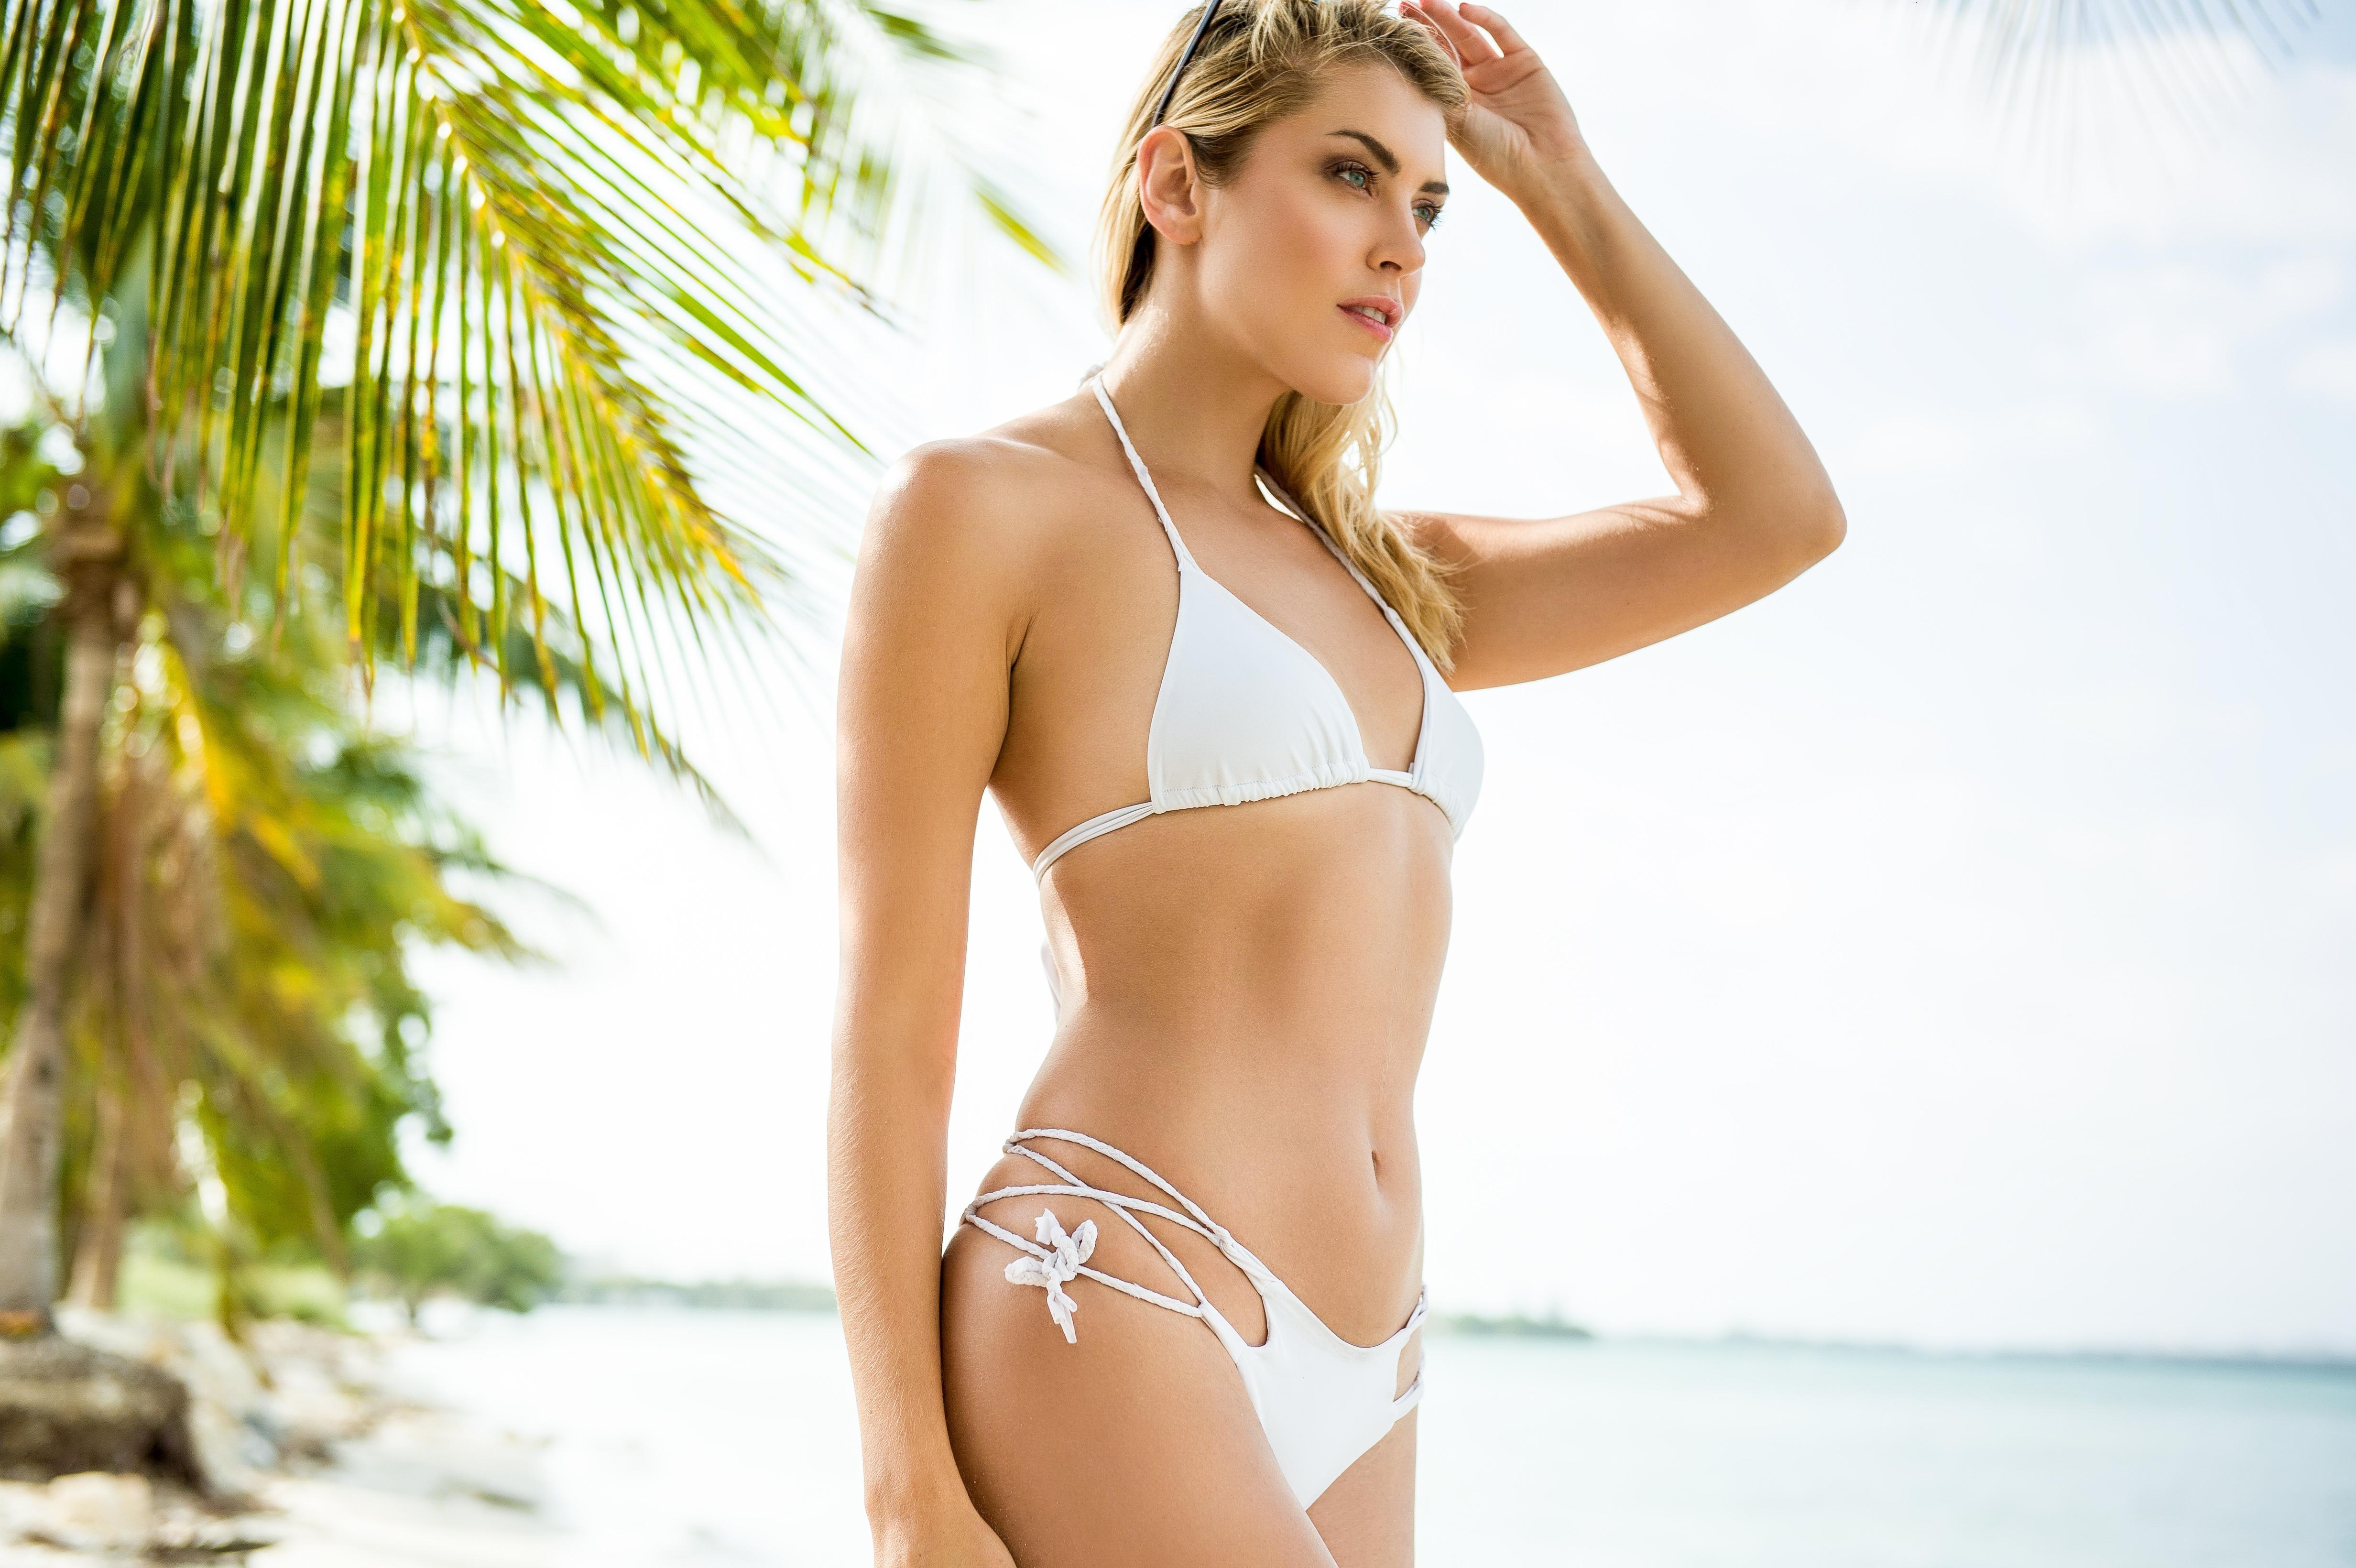 Sexy Blonde Woman In Bikini Stock Photo